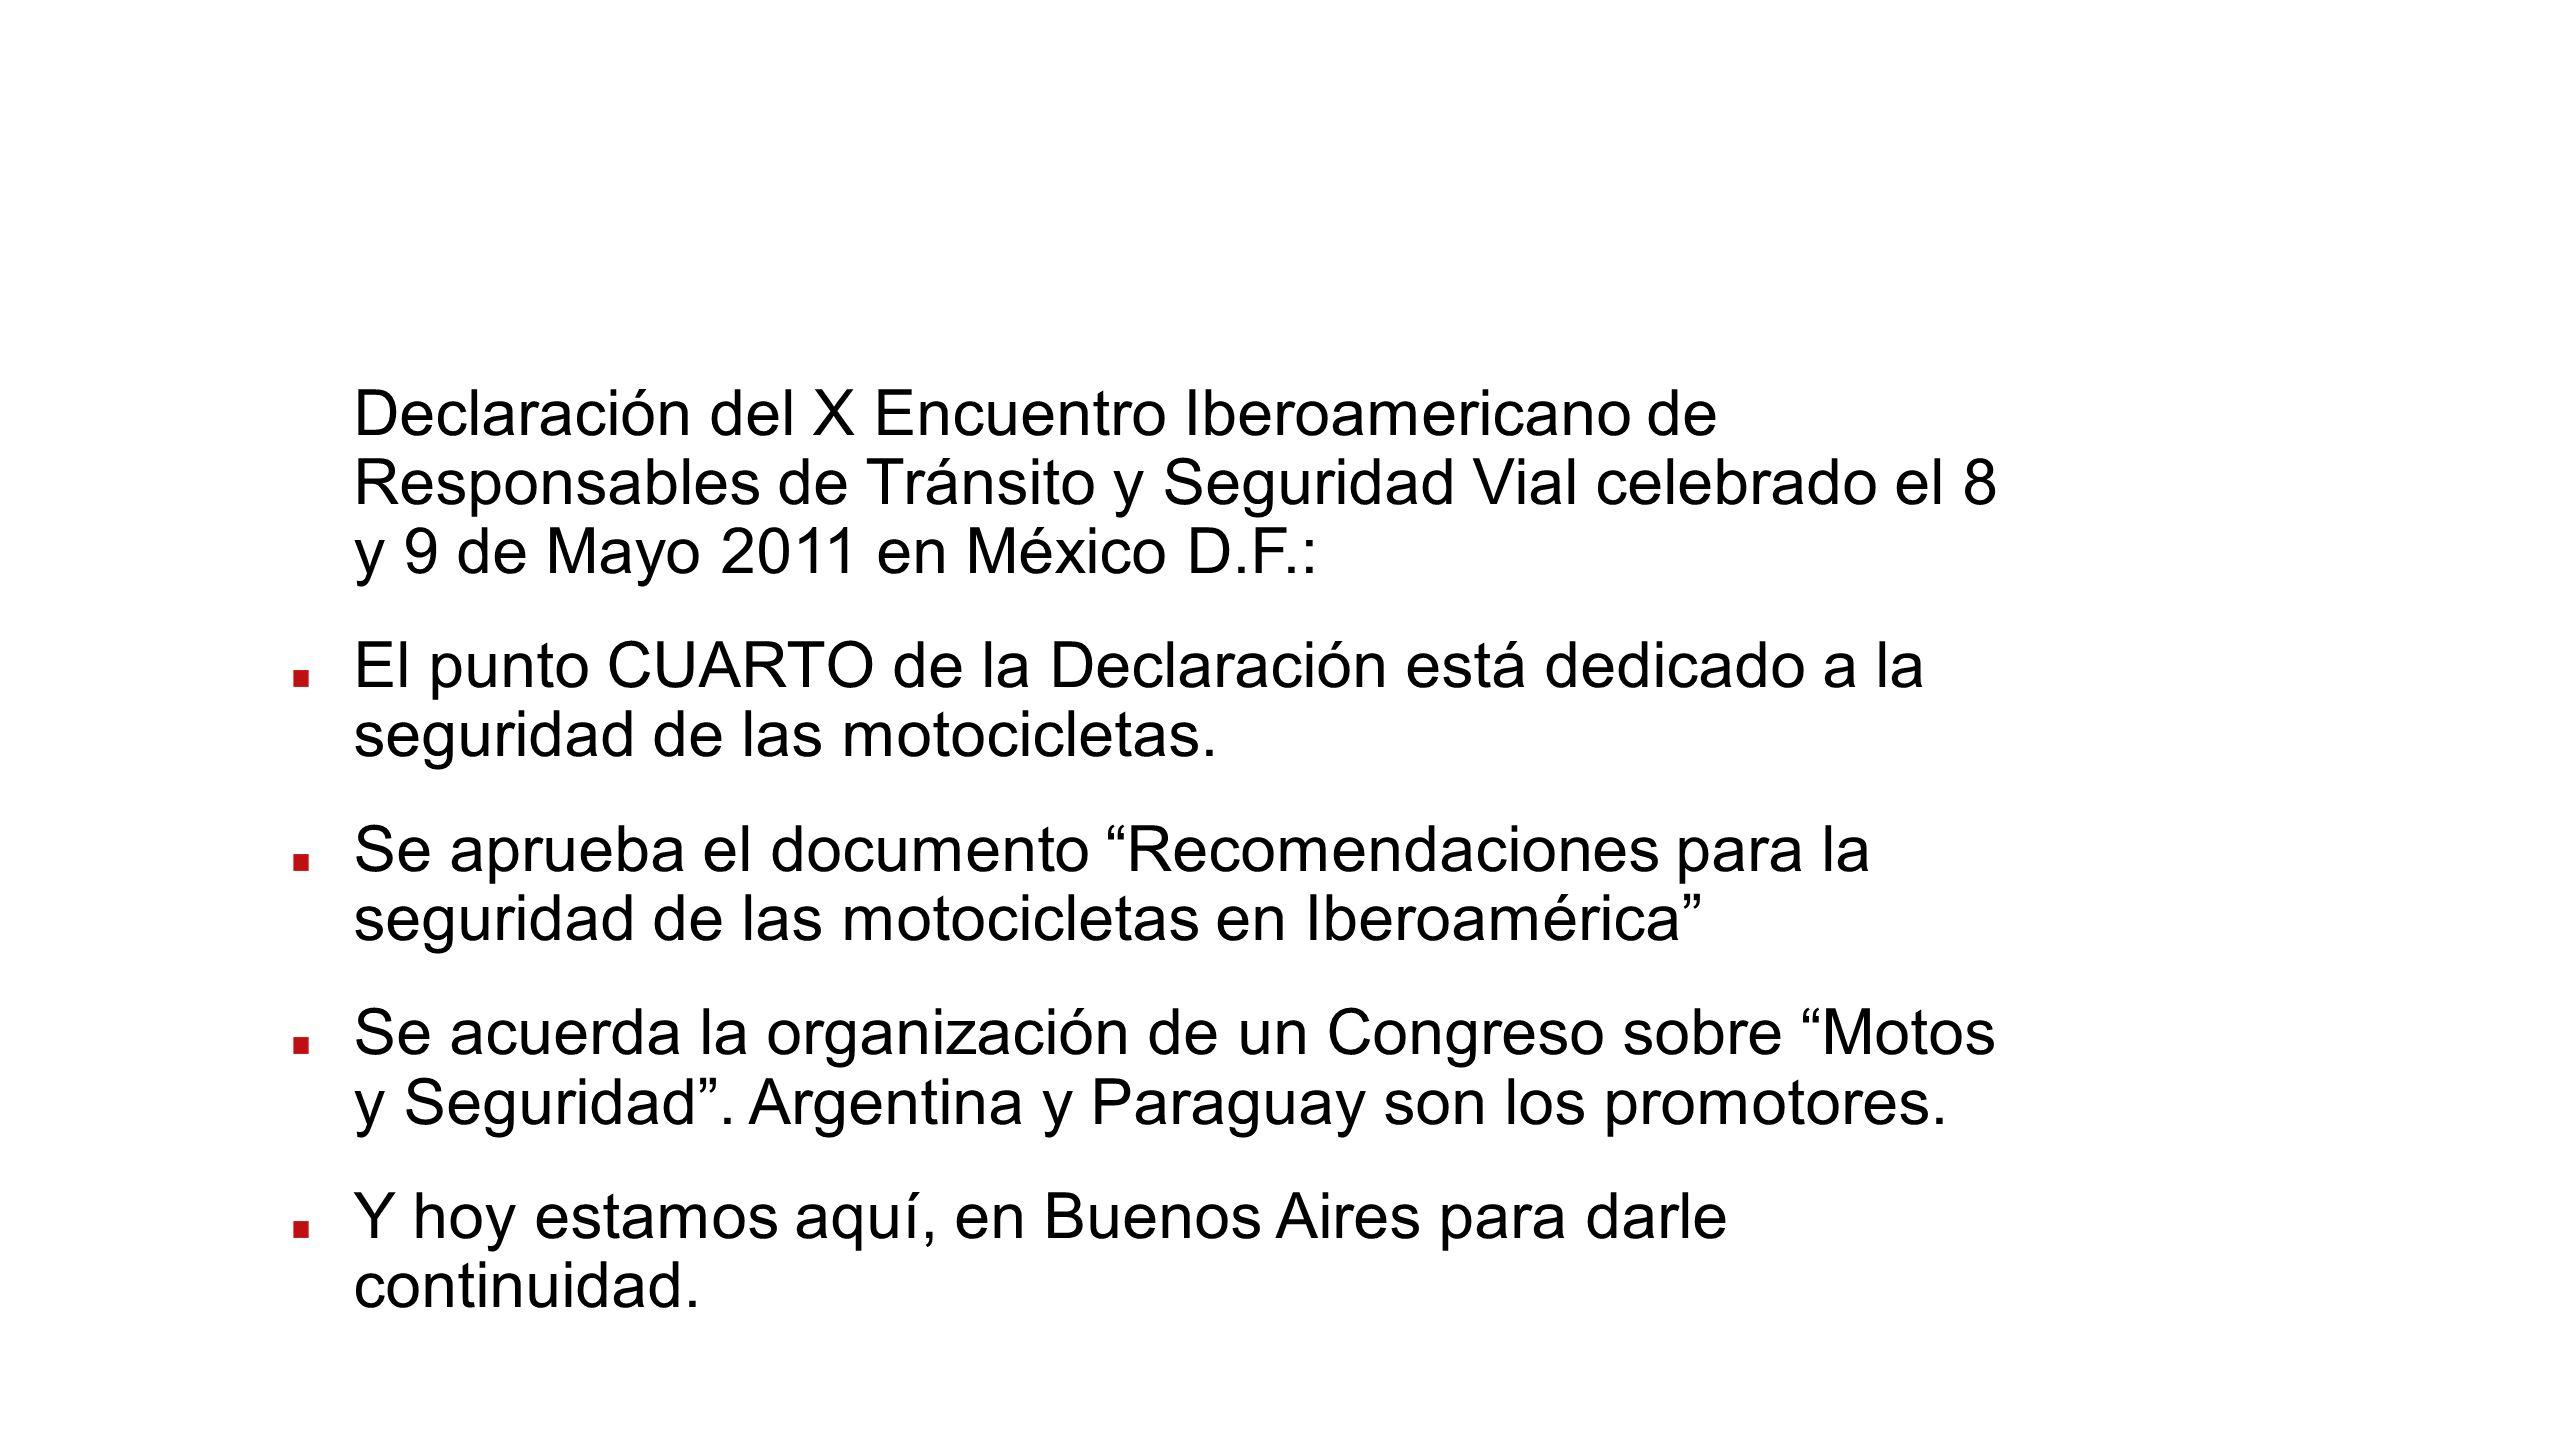 Declaración del X Encuentro Iberoamericano de Responsables de Tránsito y Seguridad Vial celebrado el 8 y 9 de Mayo 2011 en México D.F.: El punto CUART